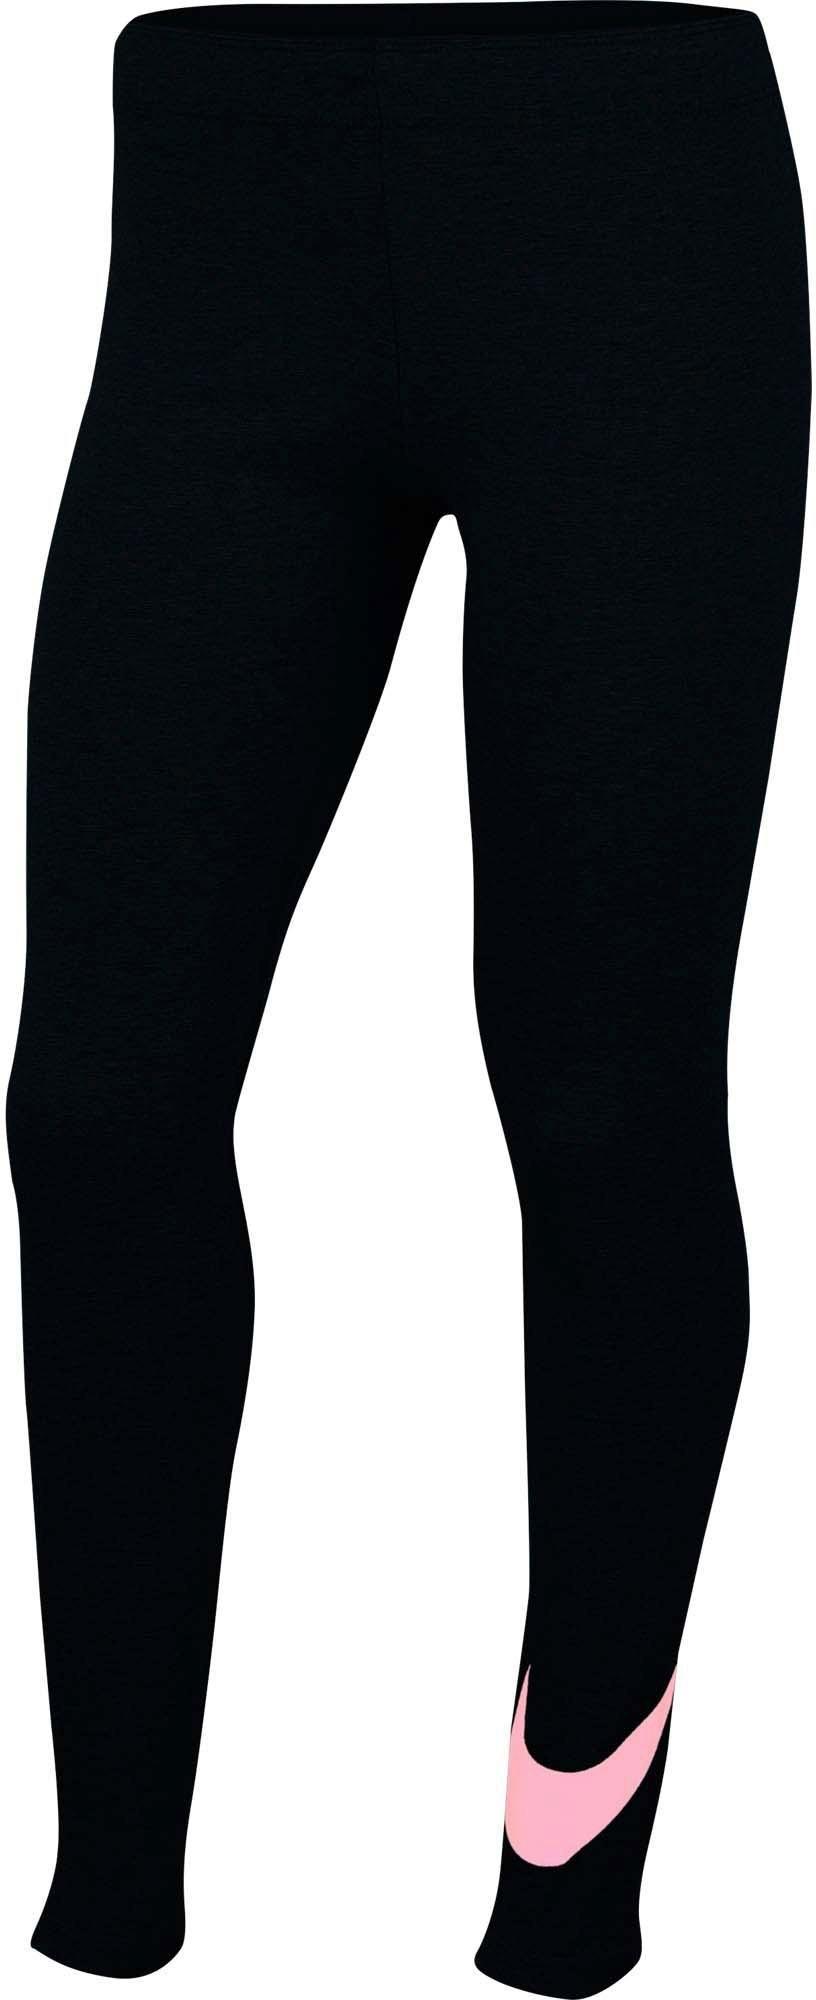 Nike Sportswear functionele tights online kopen op otto.nl